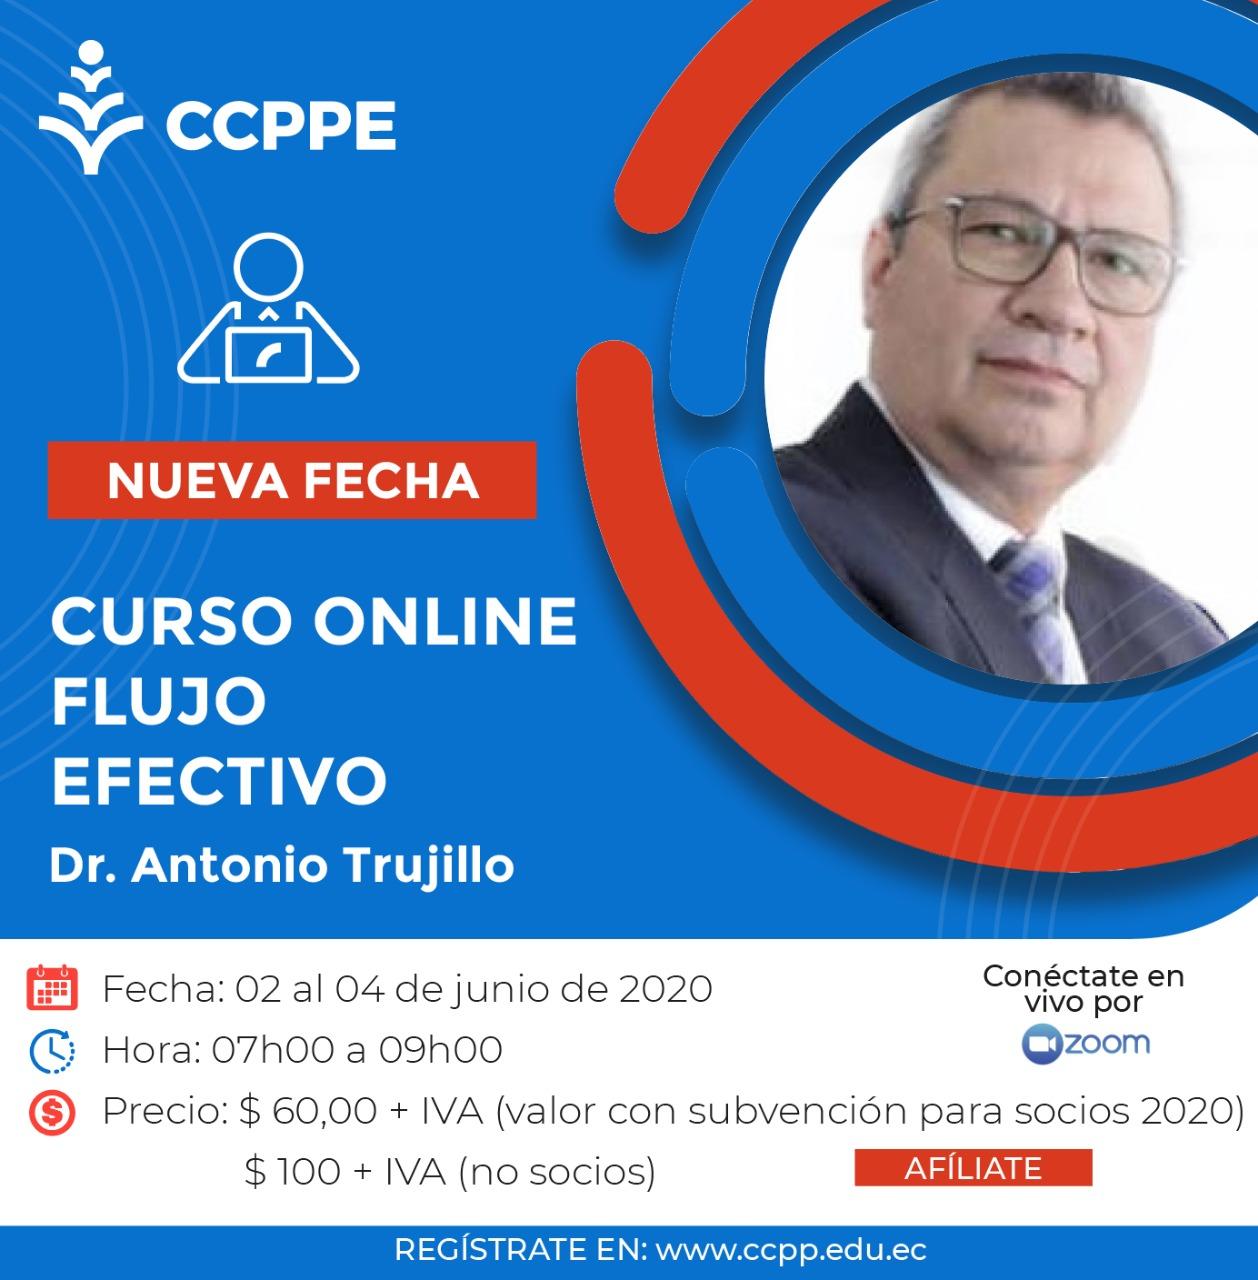 FLUJO DE EFECTIVO - 02 al 04 JUNIO 2020